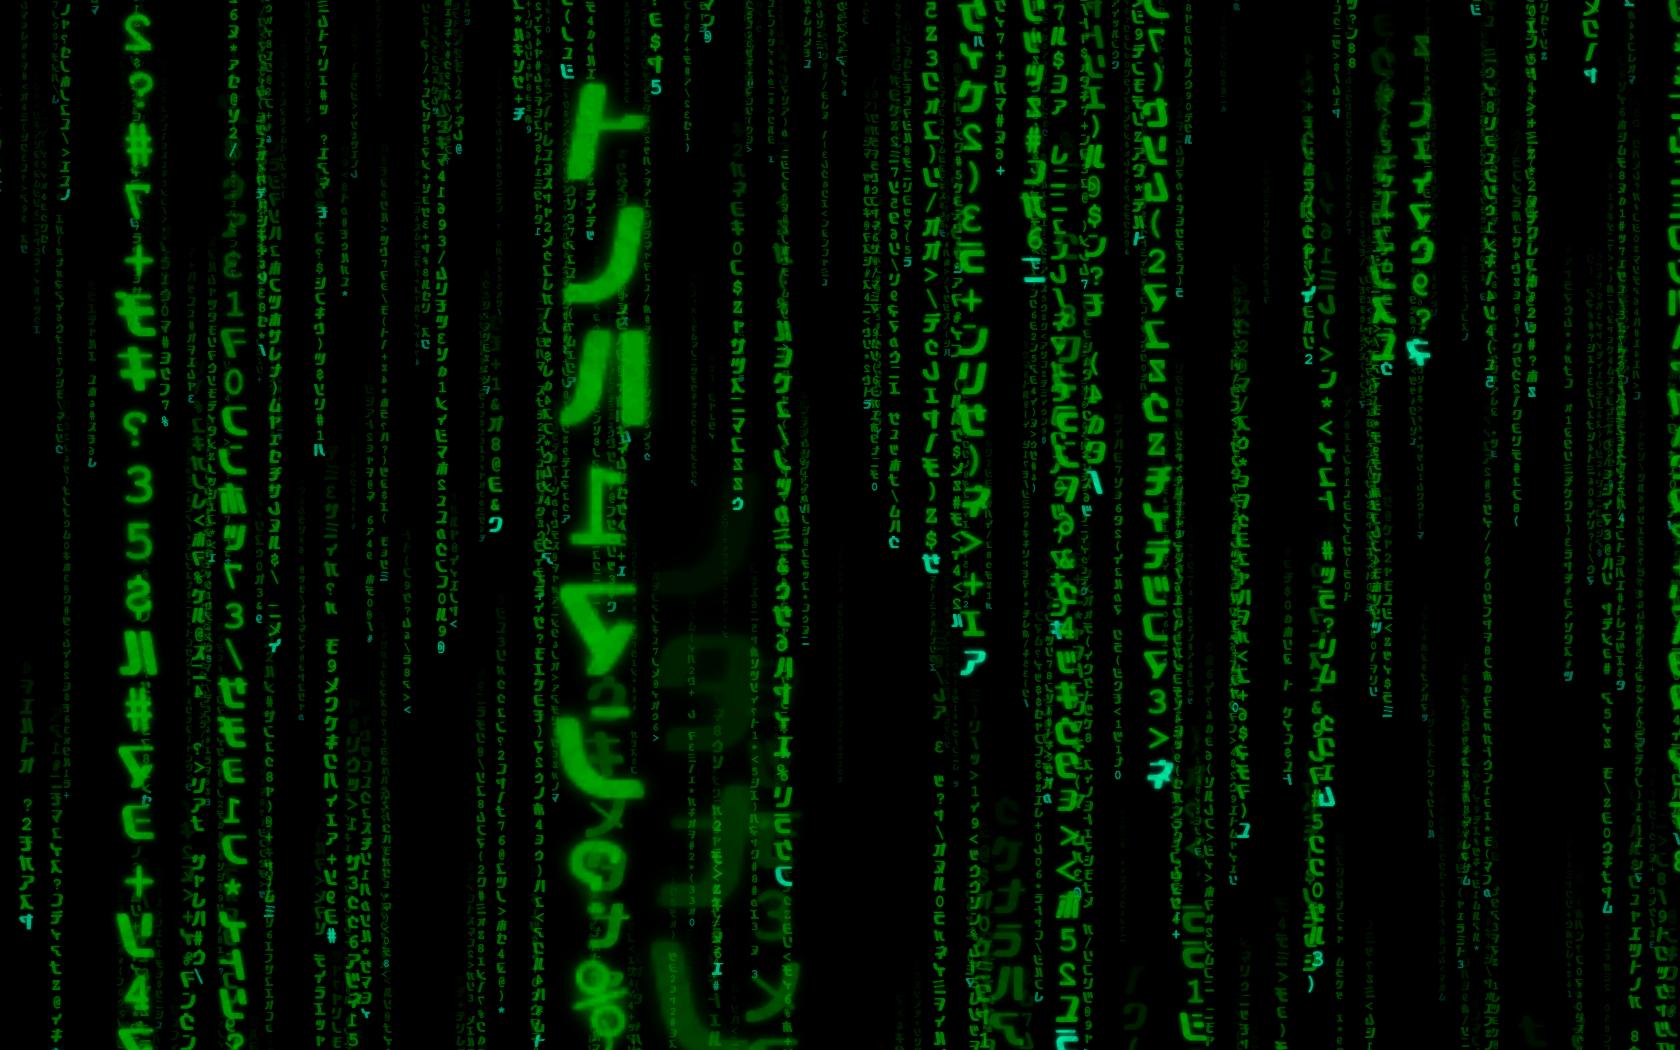 Matrix Falling Code Live Wallpaper The Matrix Trilogy 3d Code Screensaver V3 4 For Windows